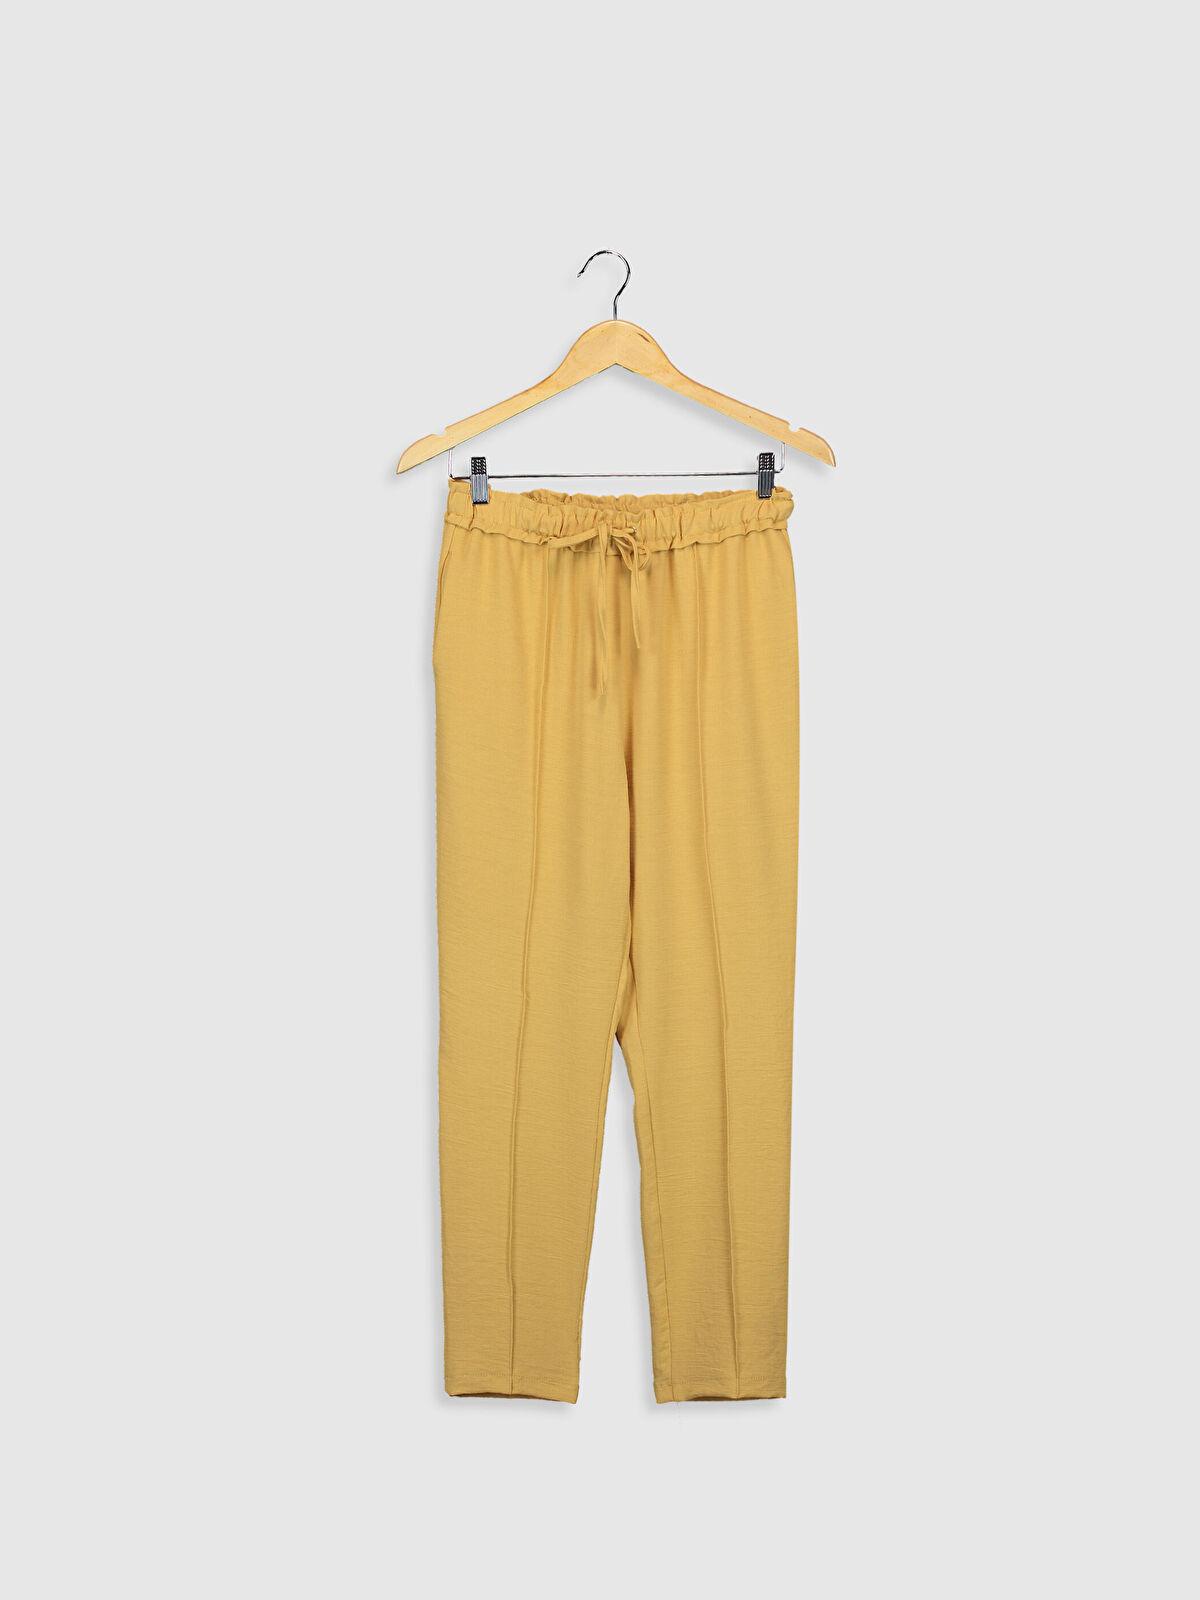 Sateen Dokulu Kumaştan Beli Lastikli Havuç Pantolon - Markalar